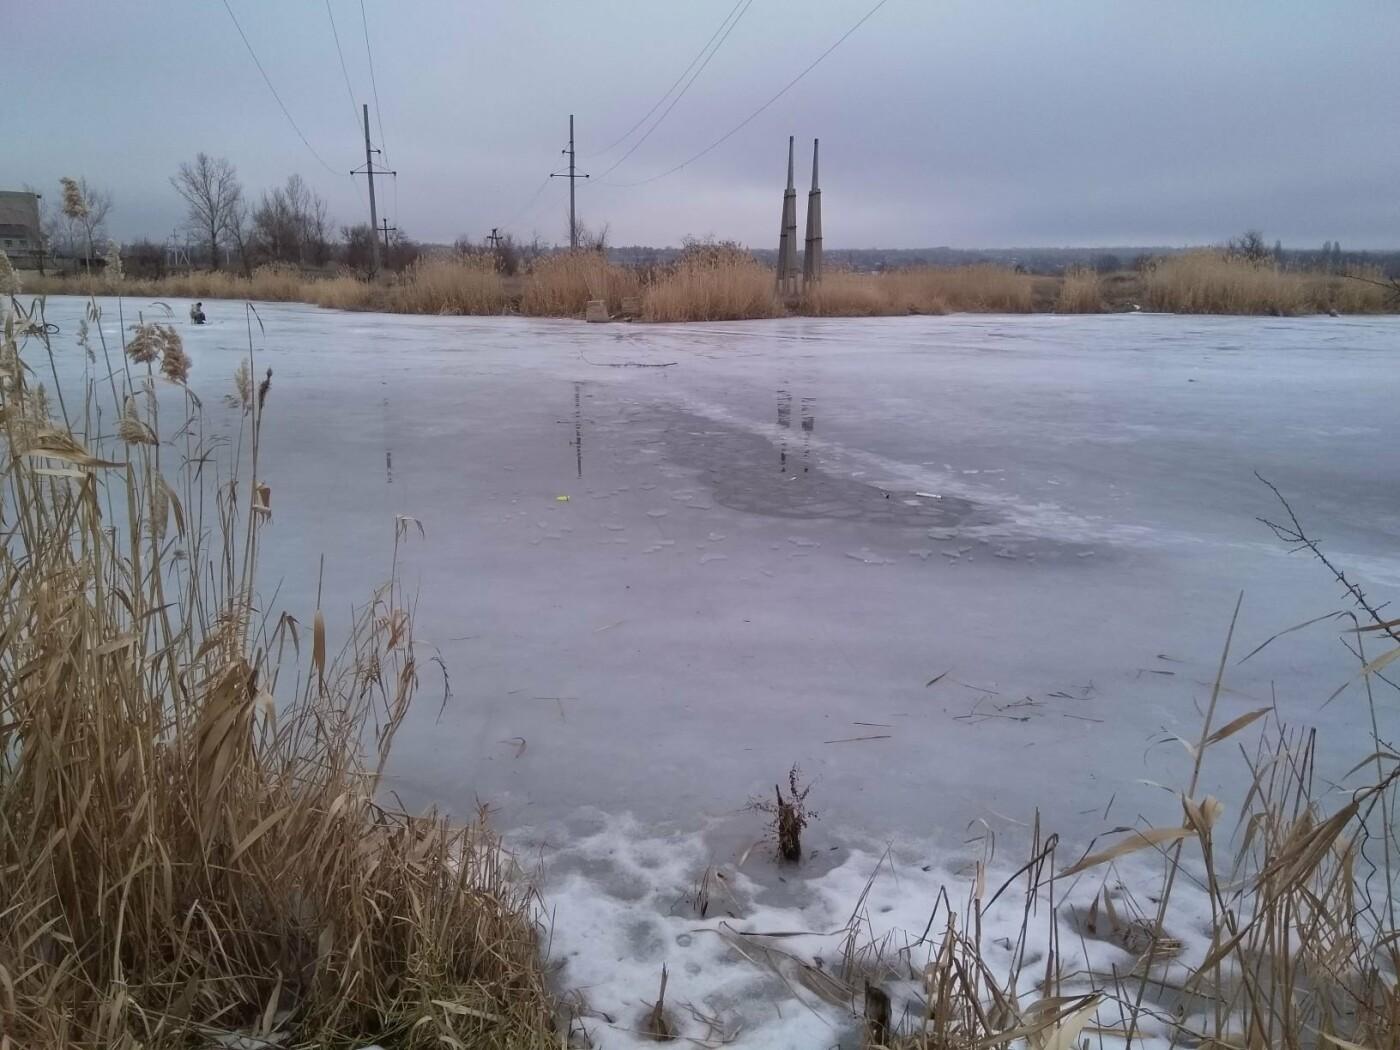 Дружковка: На реке Кривой Торец под лед провалился и тонул рыбак, фото-1